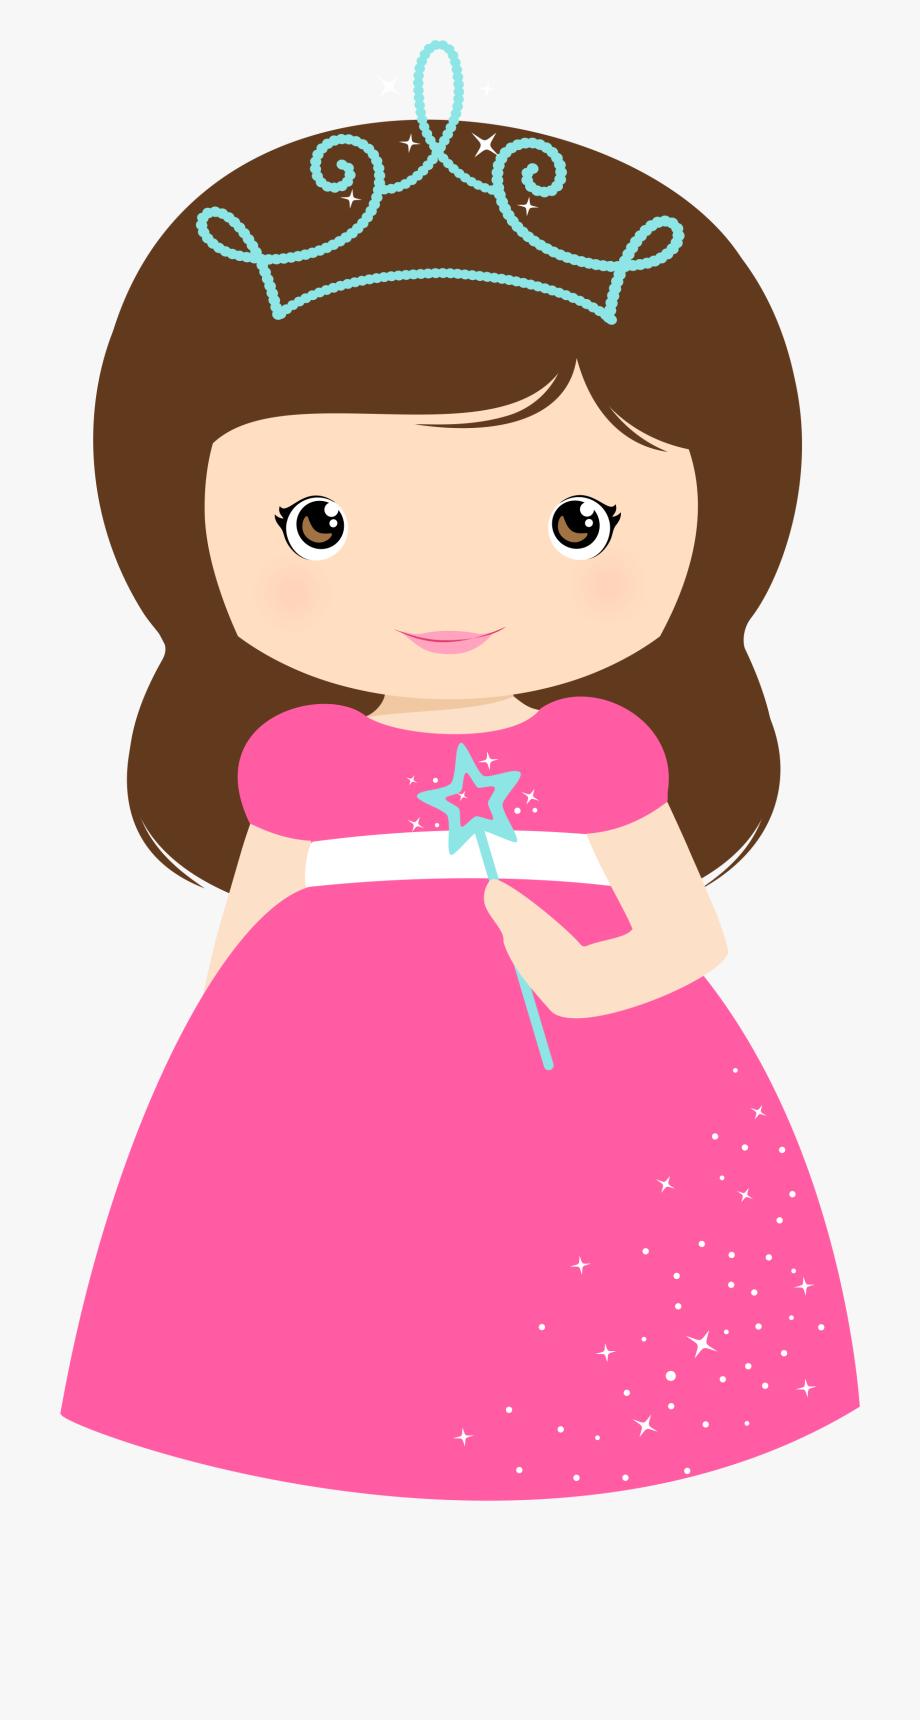 Princess clipart princess party. Palace disney